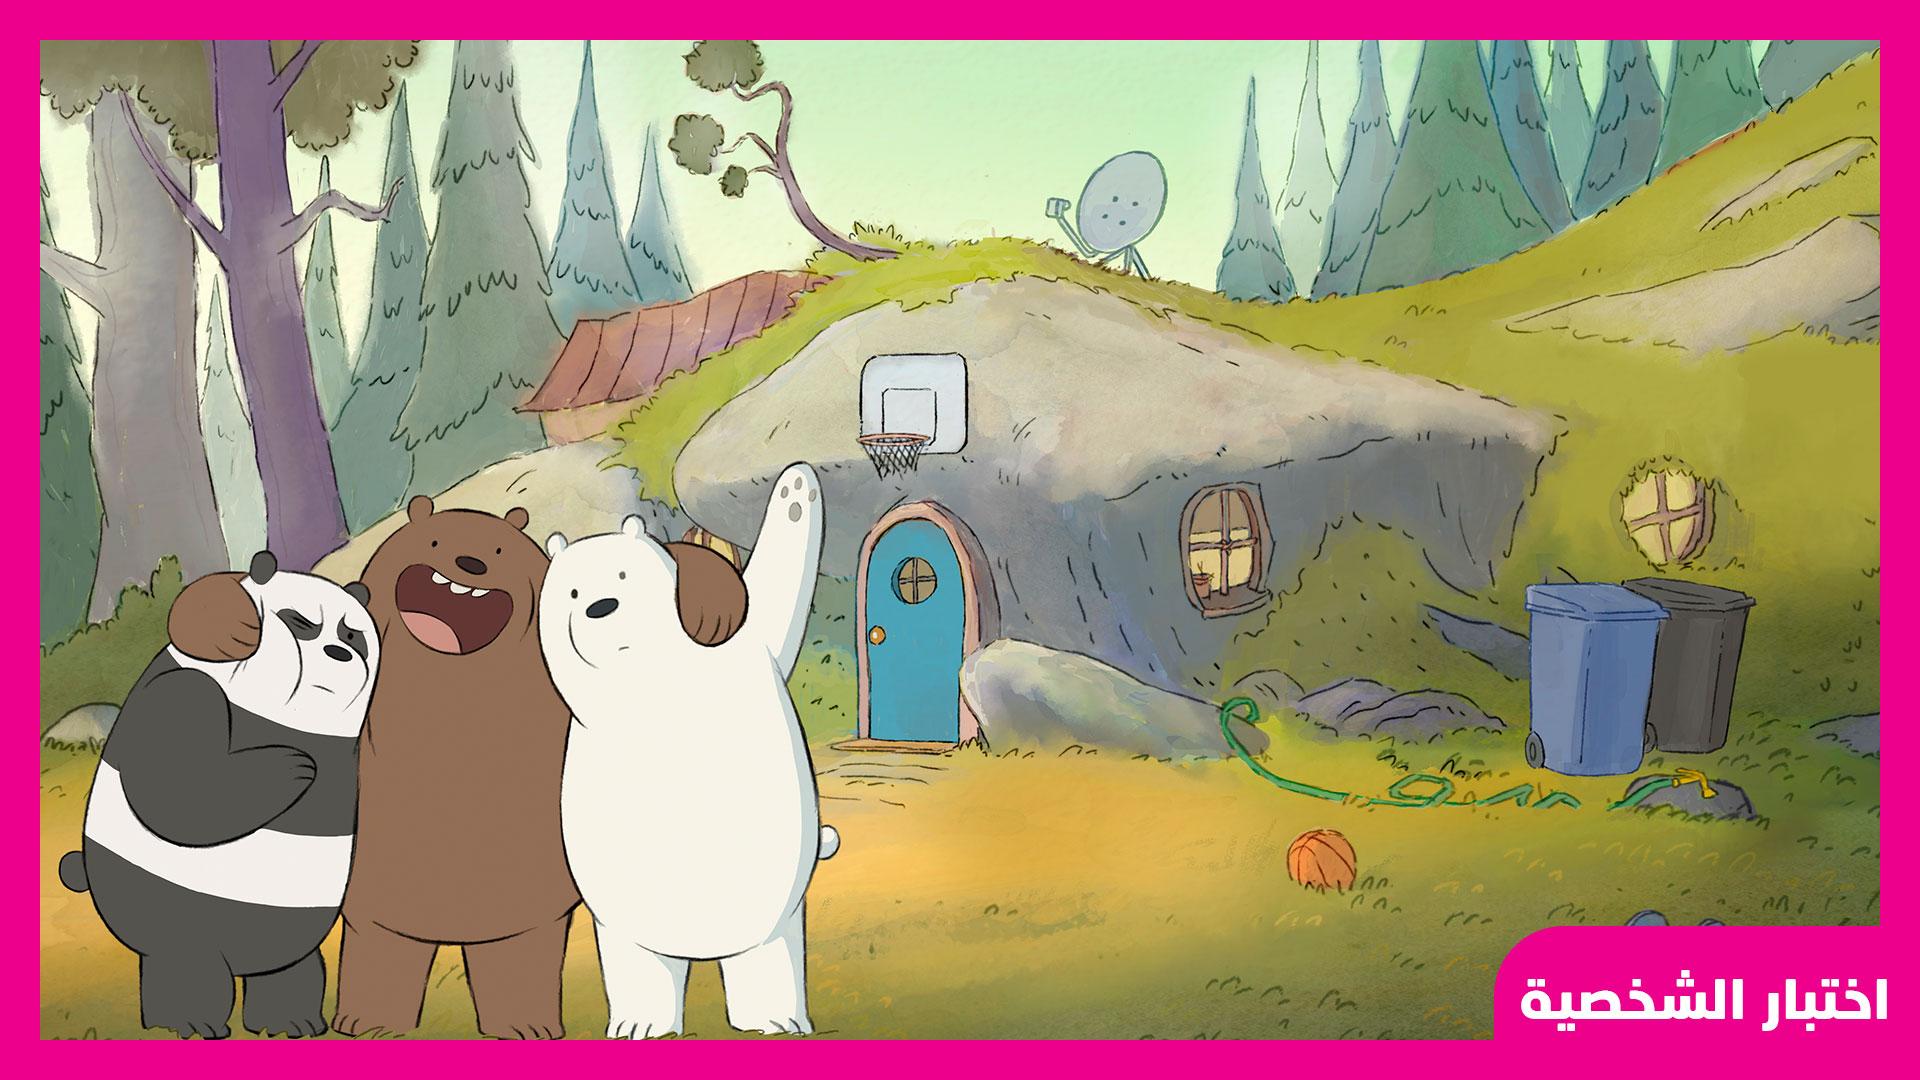 الدببة الثلاثة برنامج كرتون نتورك